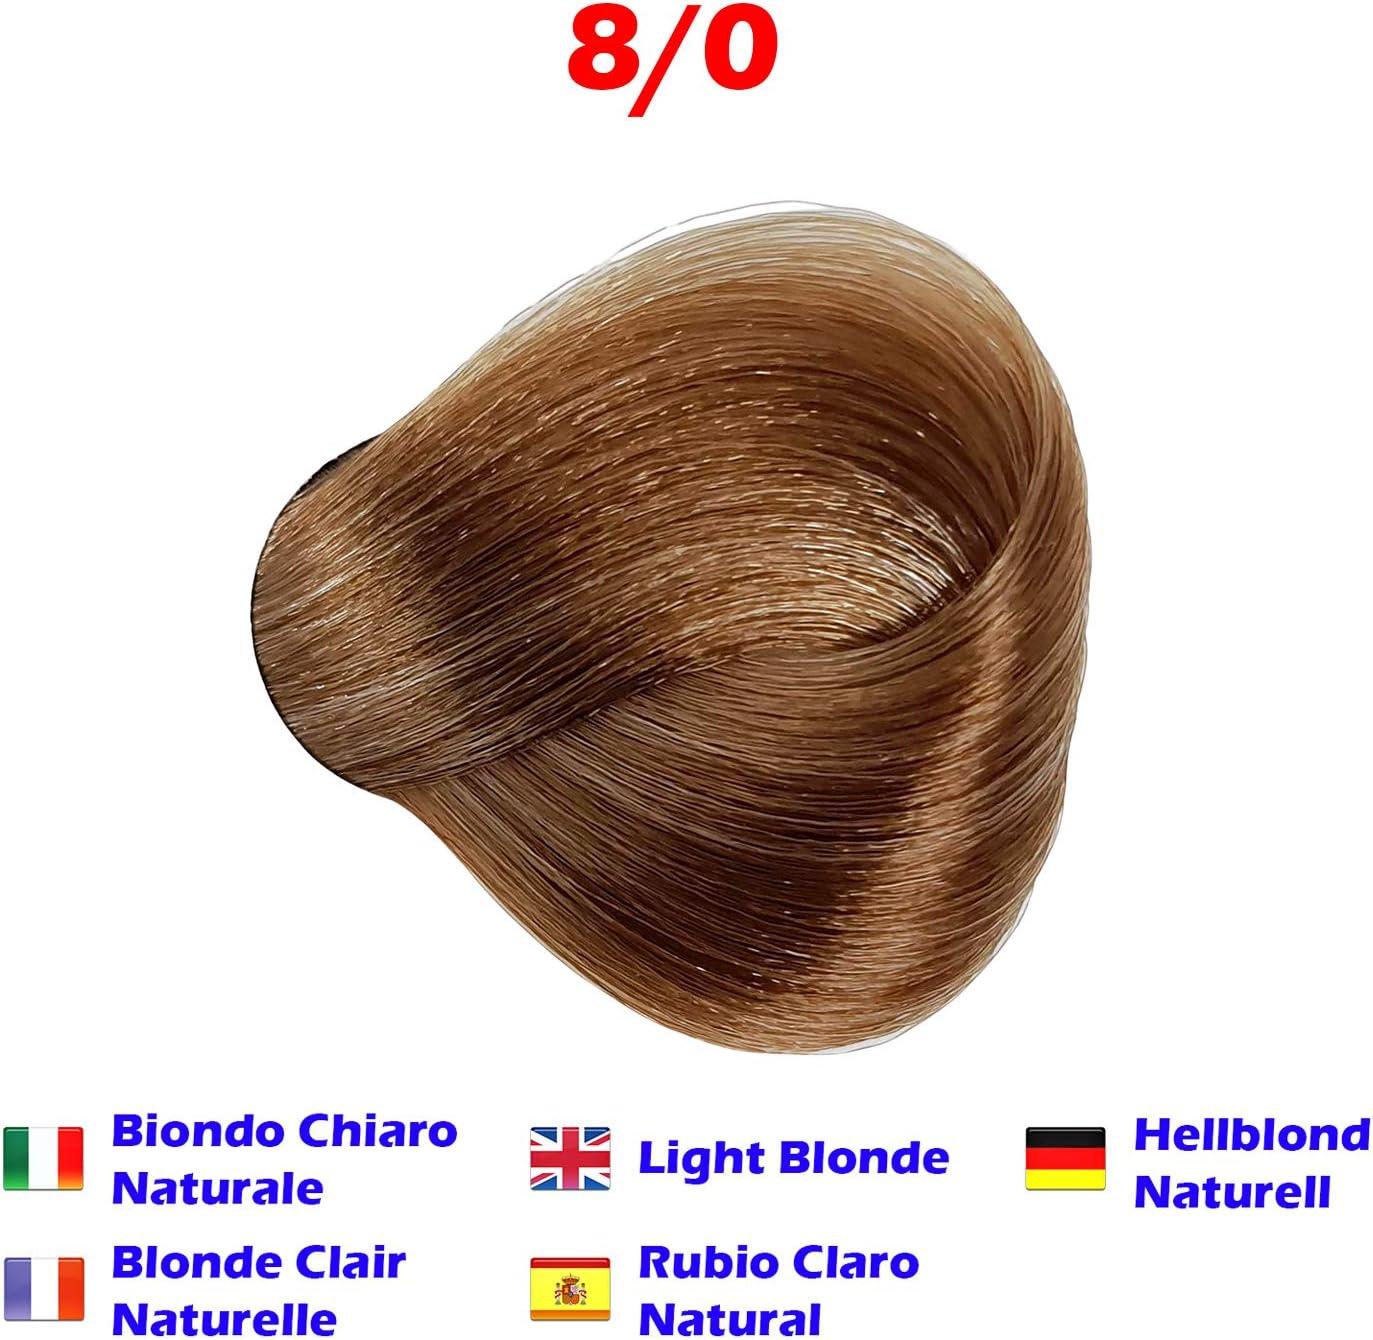 Tinte de Pelo Profesional Rubio Claro Natural con Amoníaco 8/0 Permanente 100ml Made in Italy